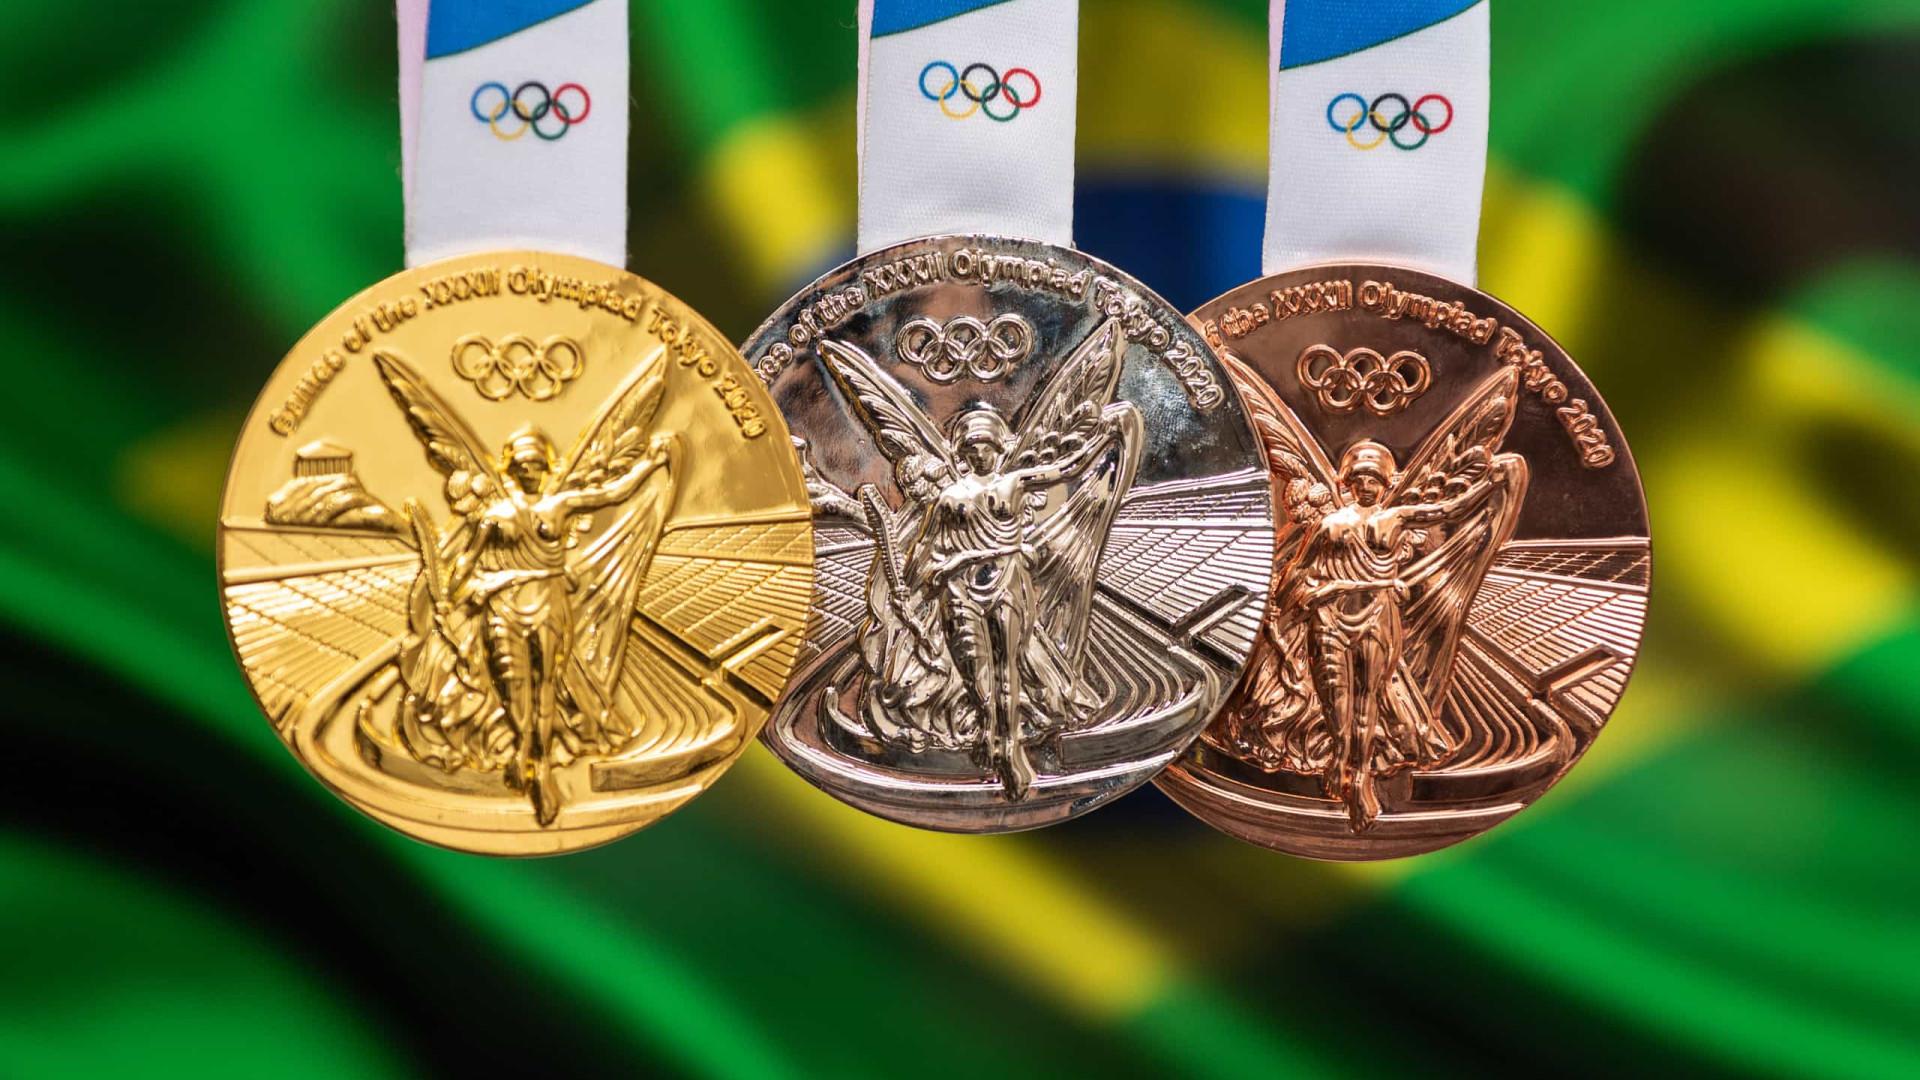 Brasil chega a 19 medalhas e alcança desempenho raro para ex-anfitrião